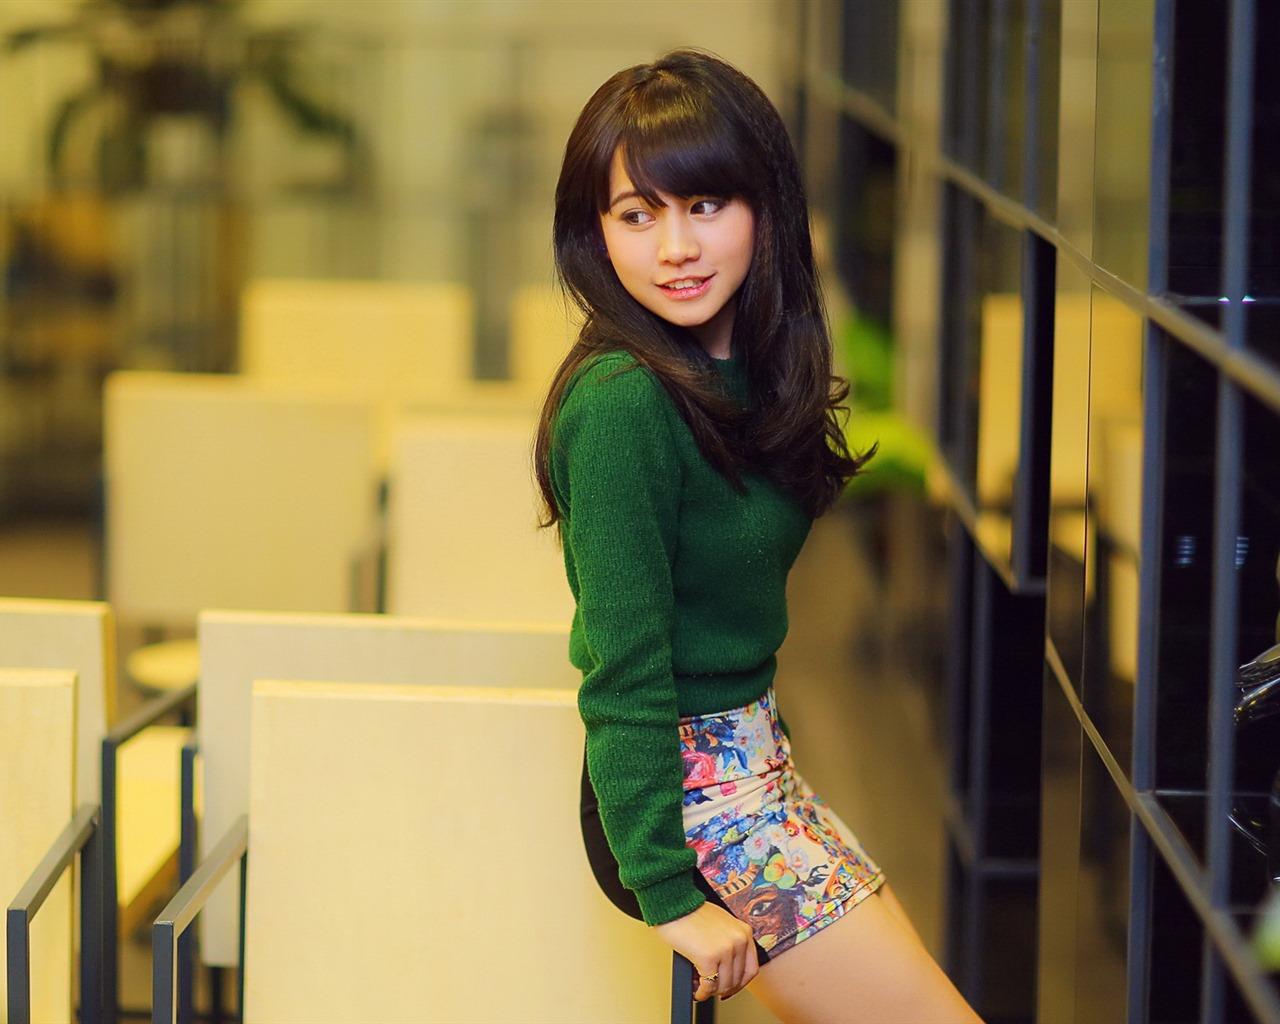 亚洲高清合集一区_清纯可爱年轻的亚洲女孩 高清壁纸合集(四)19 - 1280x